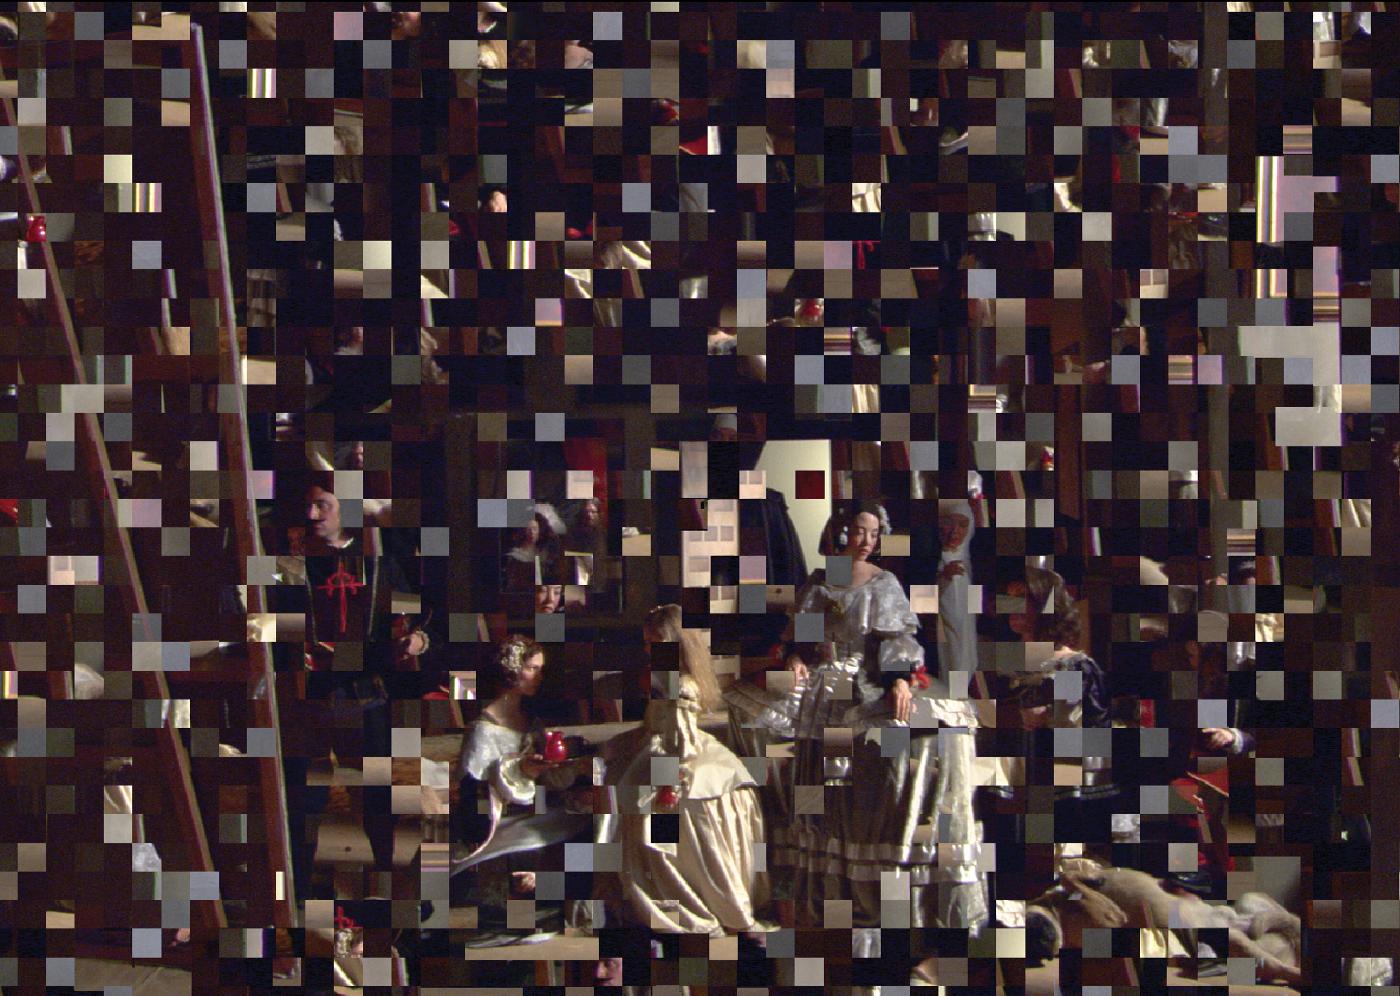 Проект Ив Суссман «89 seconds Atomized», 2018